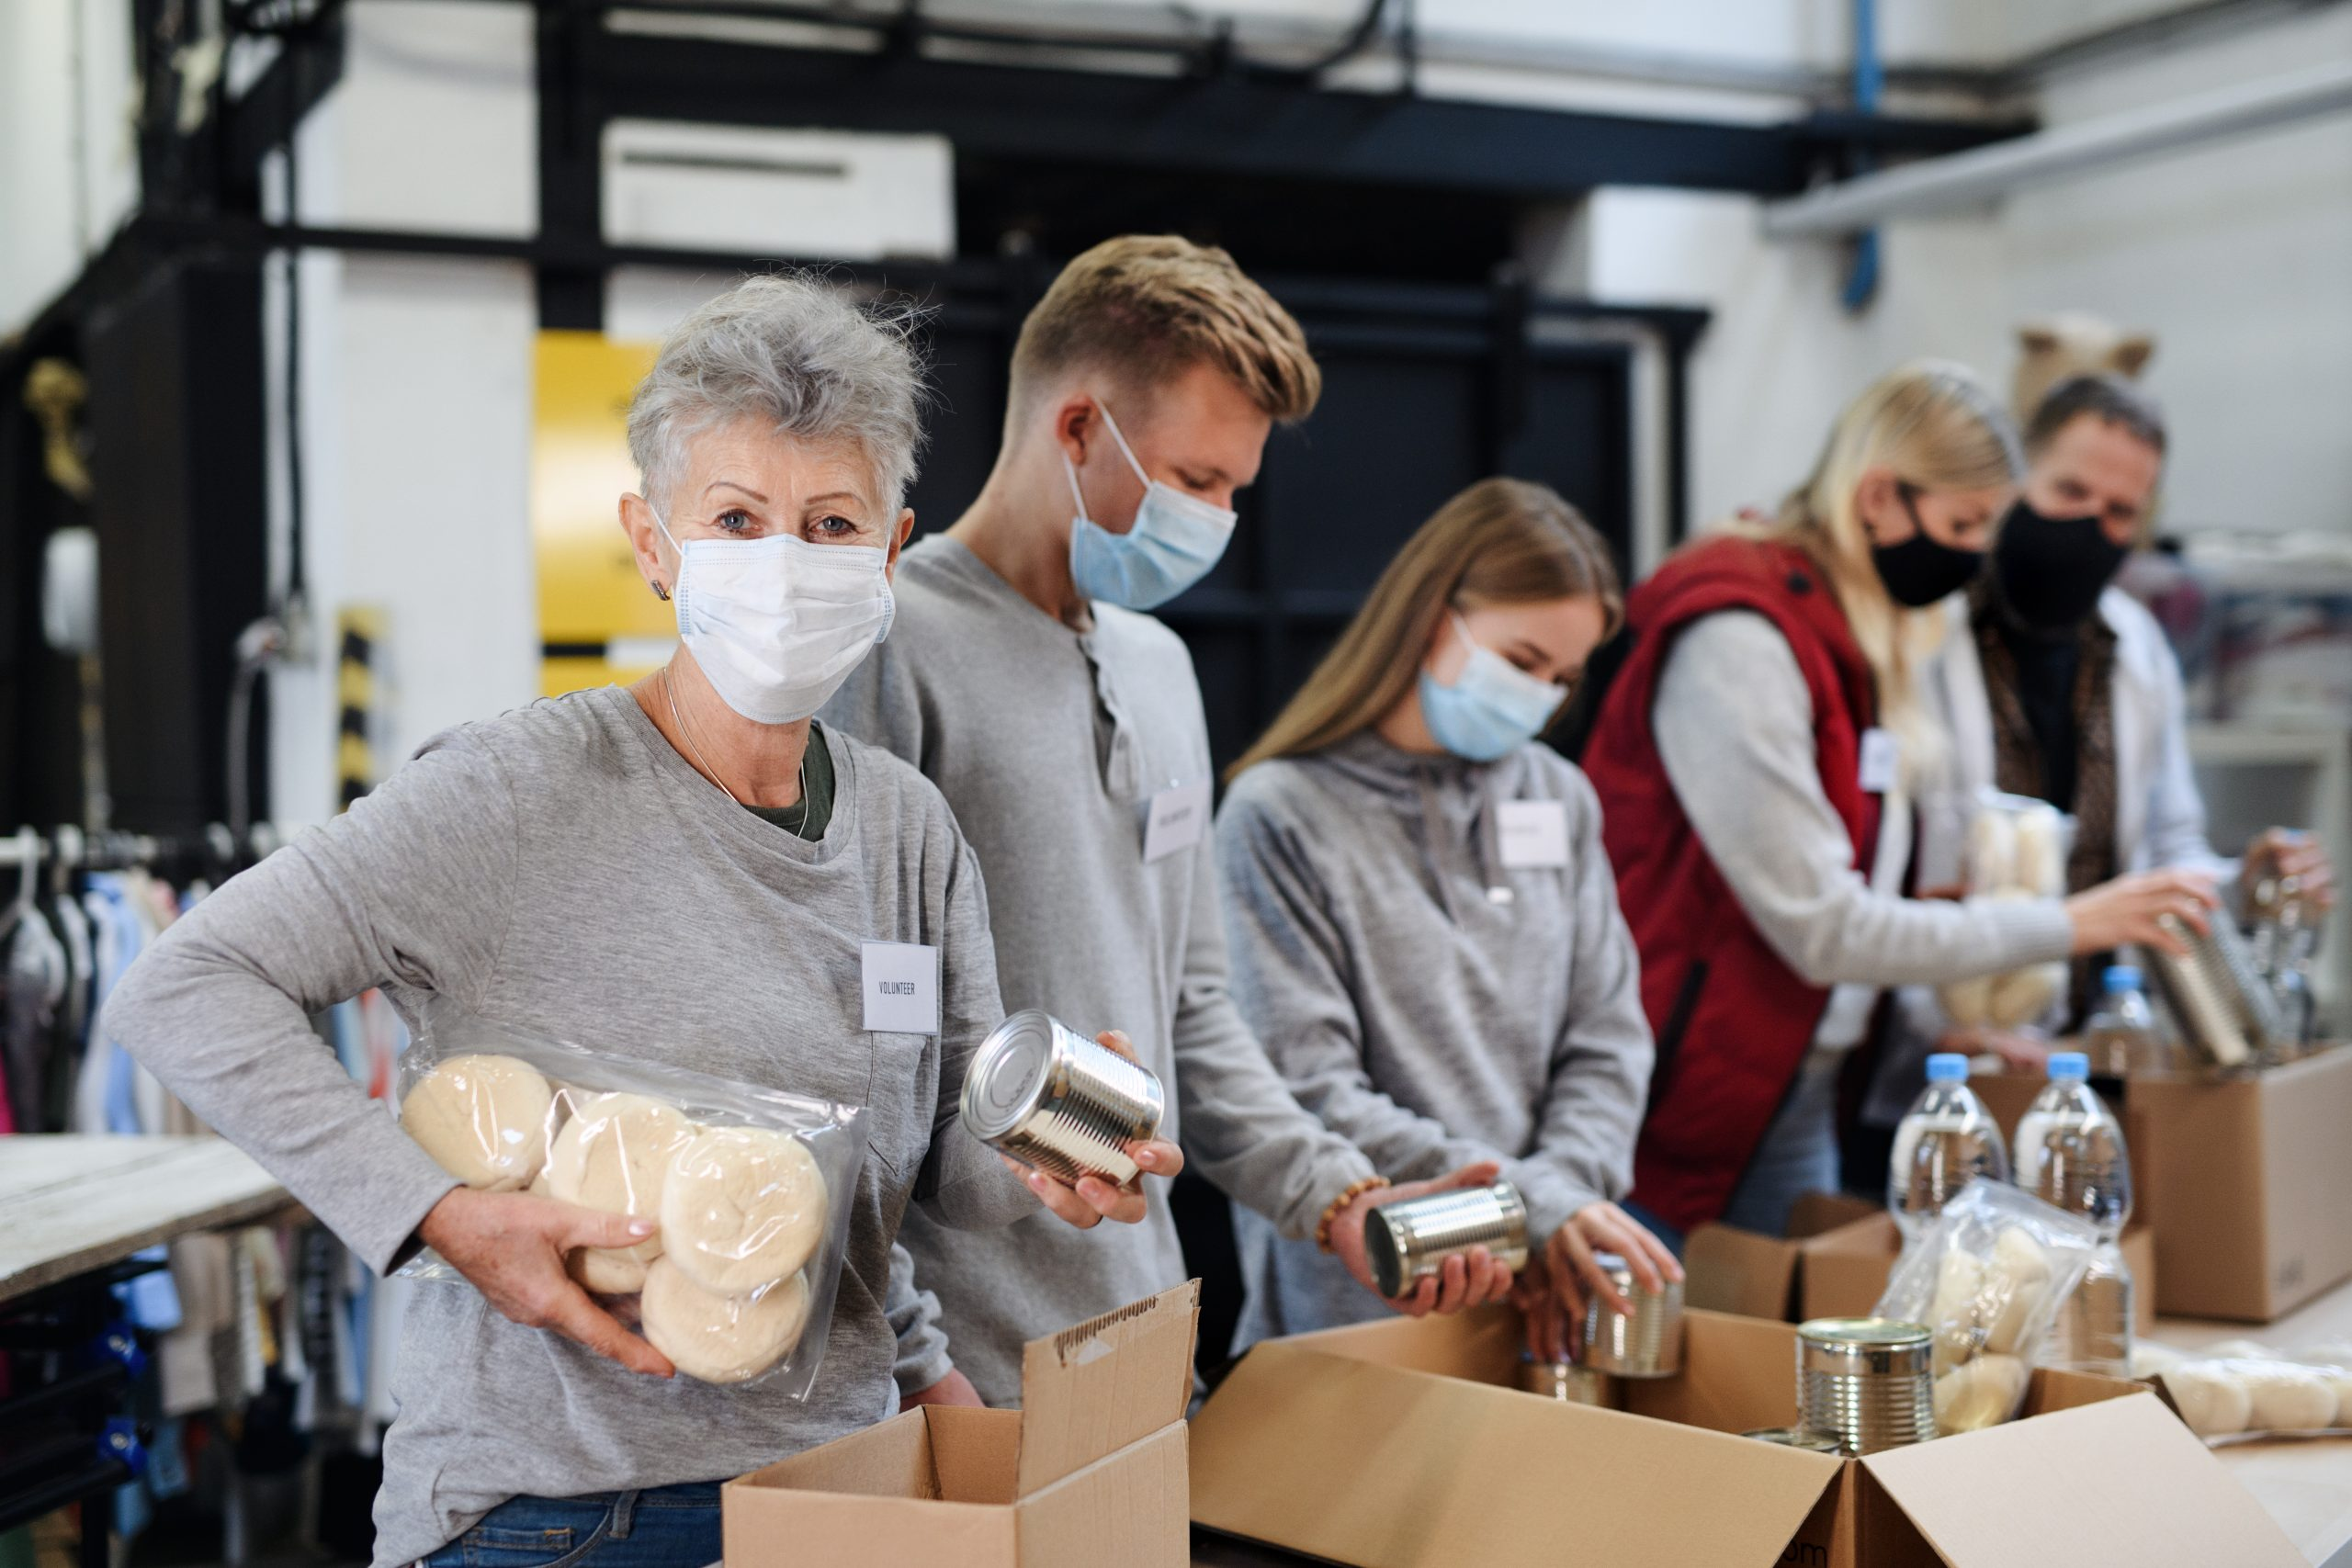 Volunteers packing food boxes